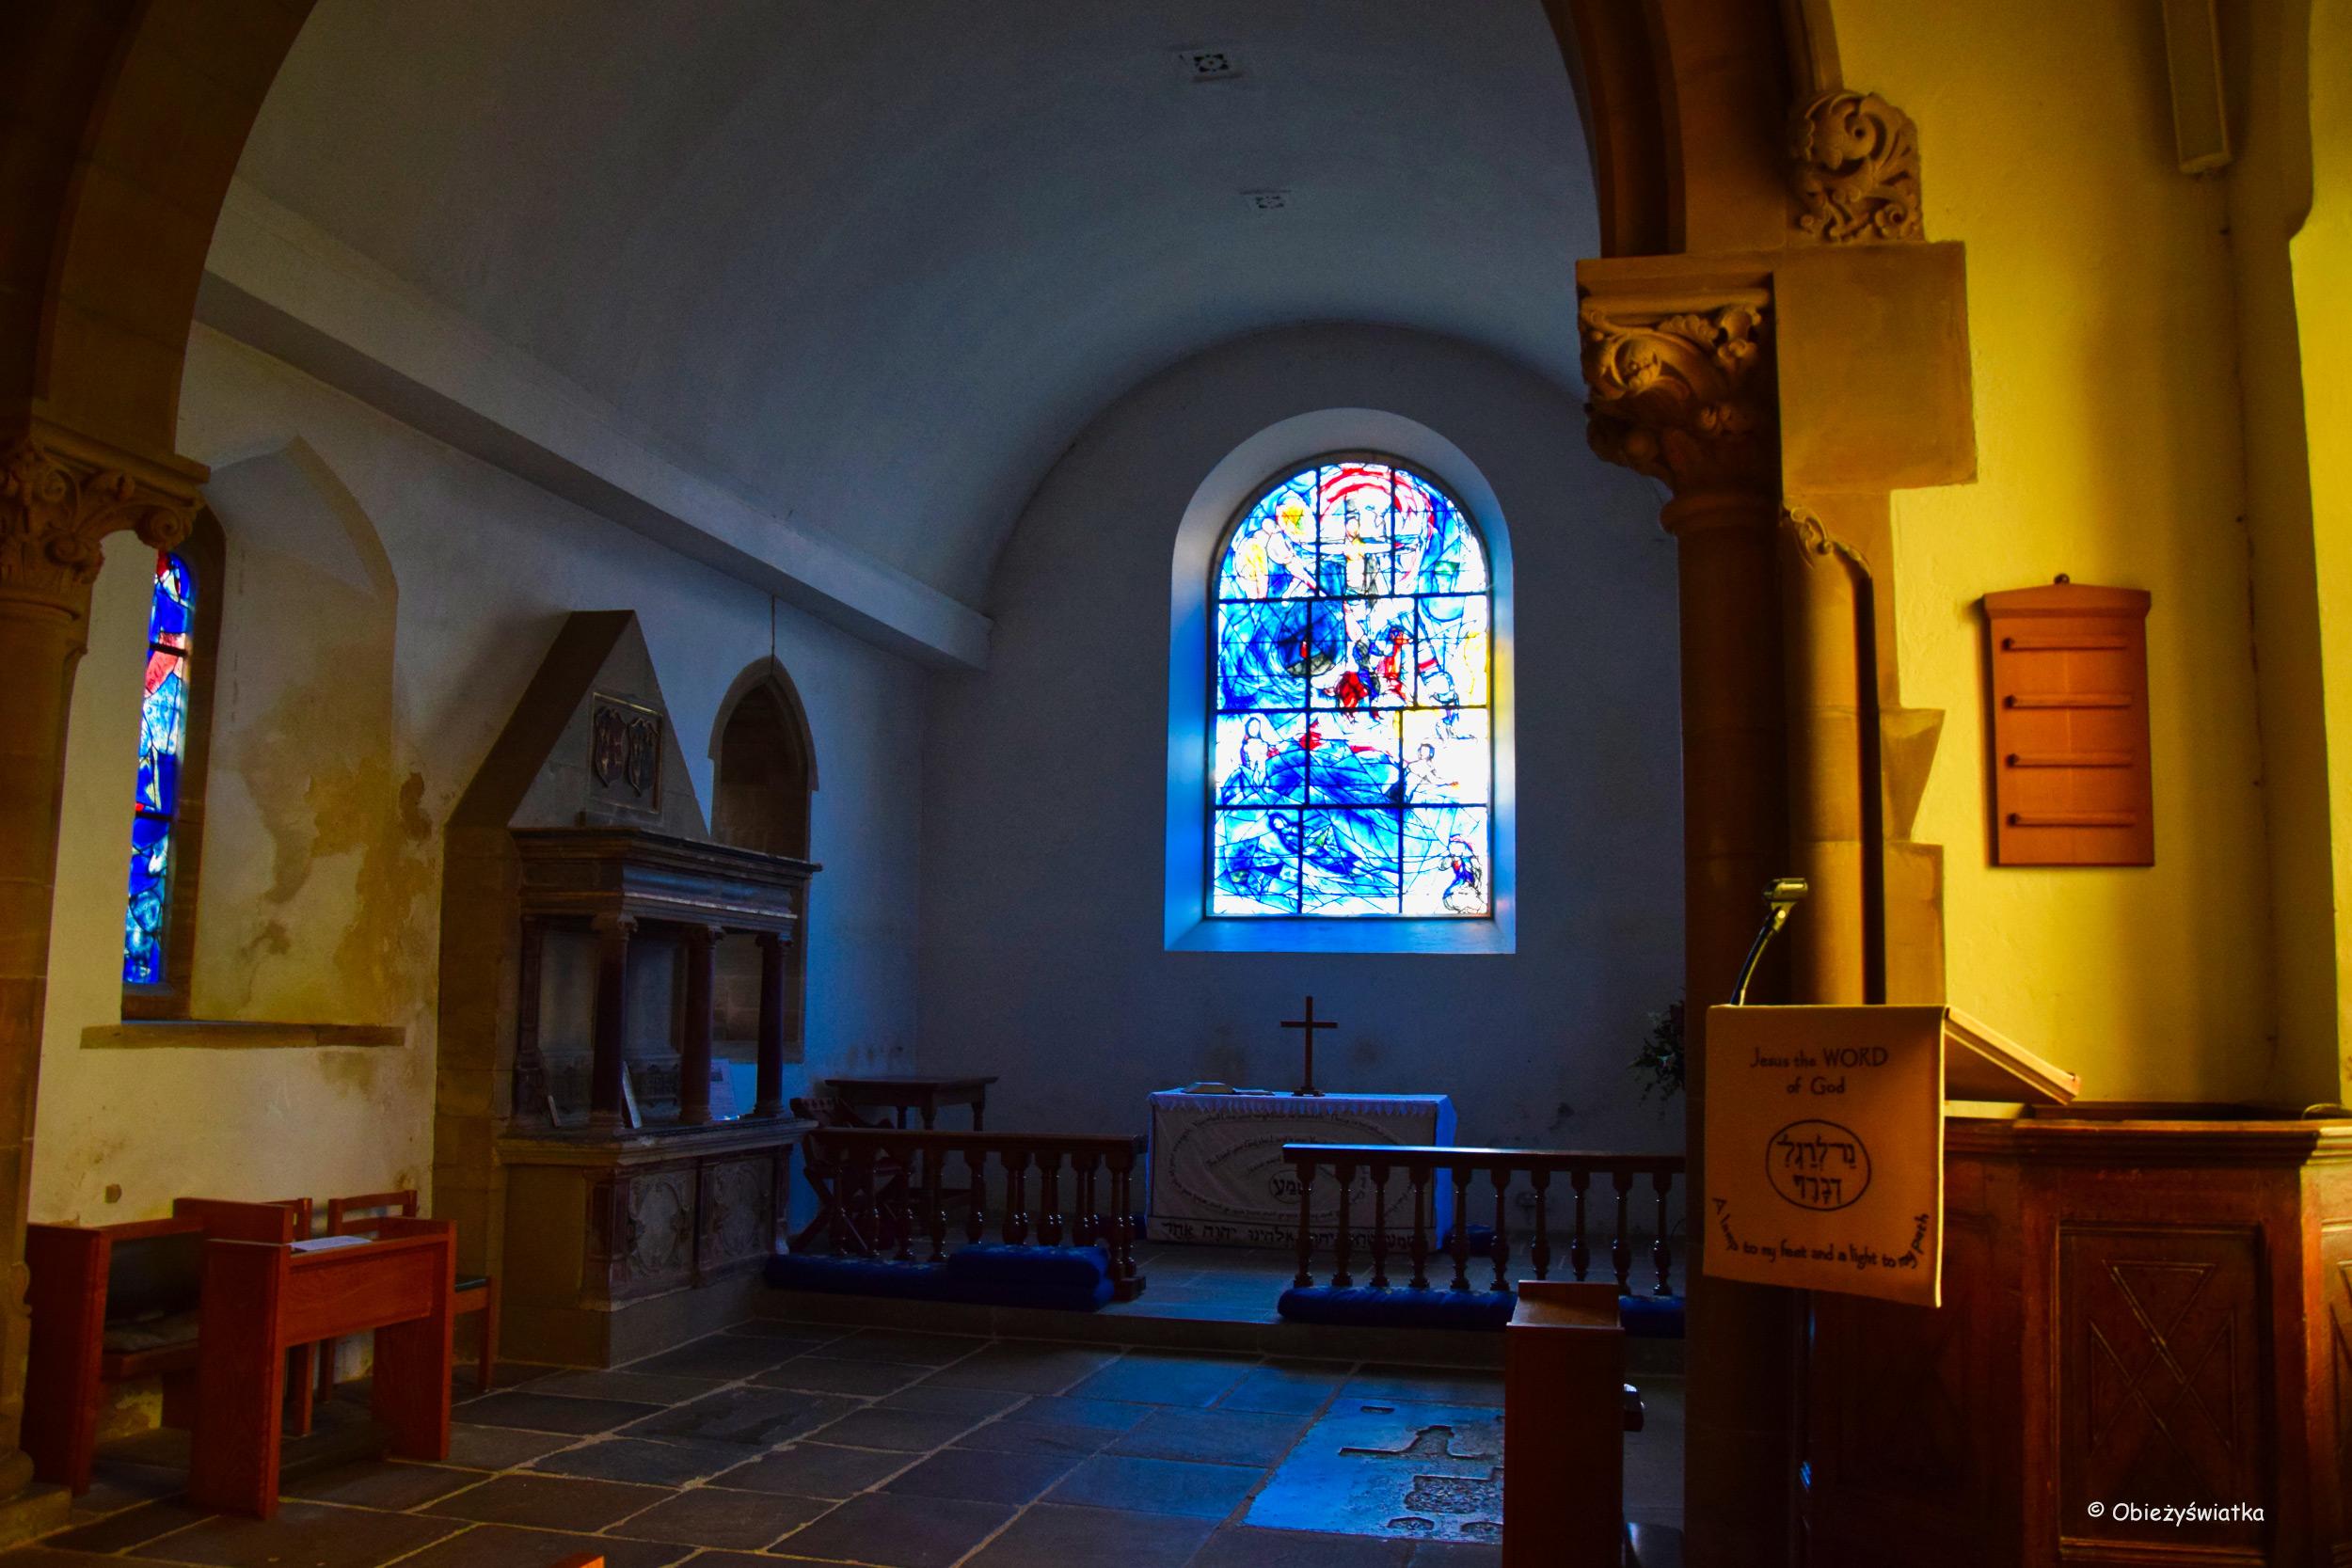 Główny witraż Marca Chagalla w prezbiterium, Tudeley, Wielka Brytania